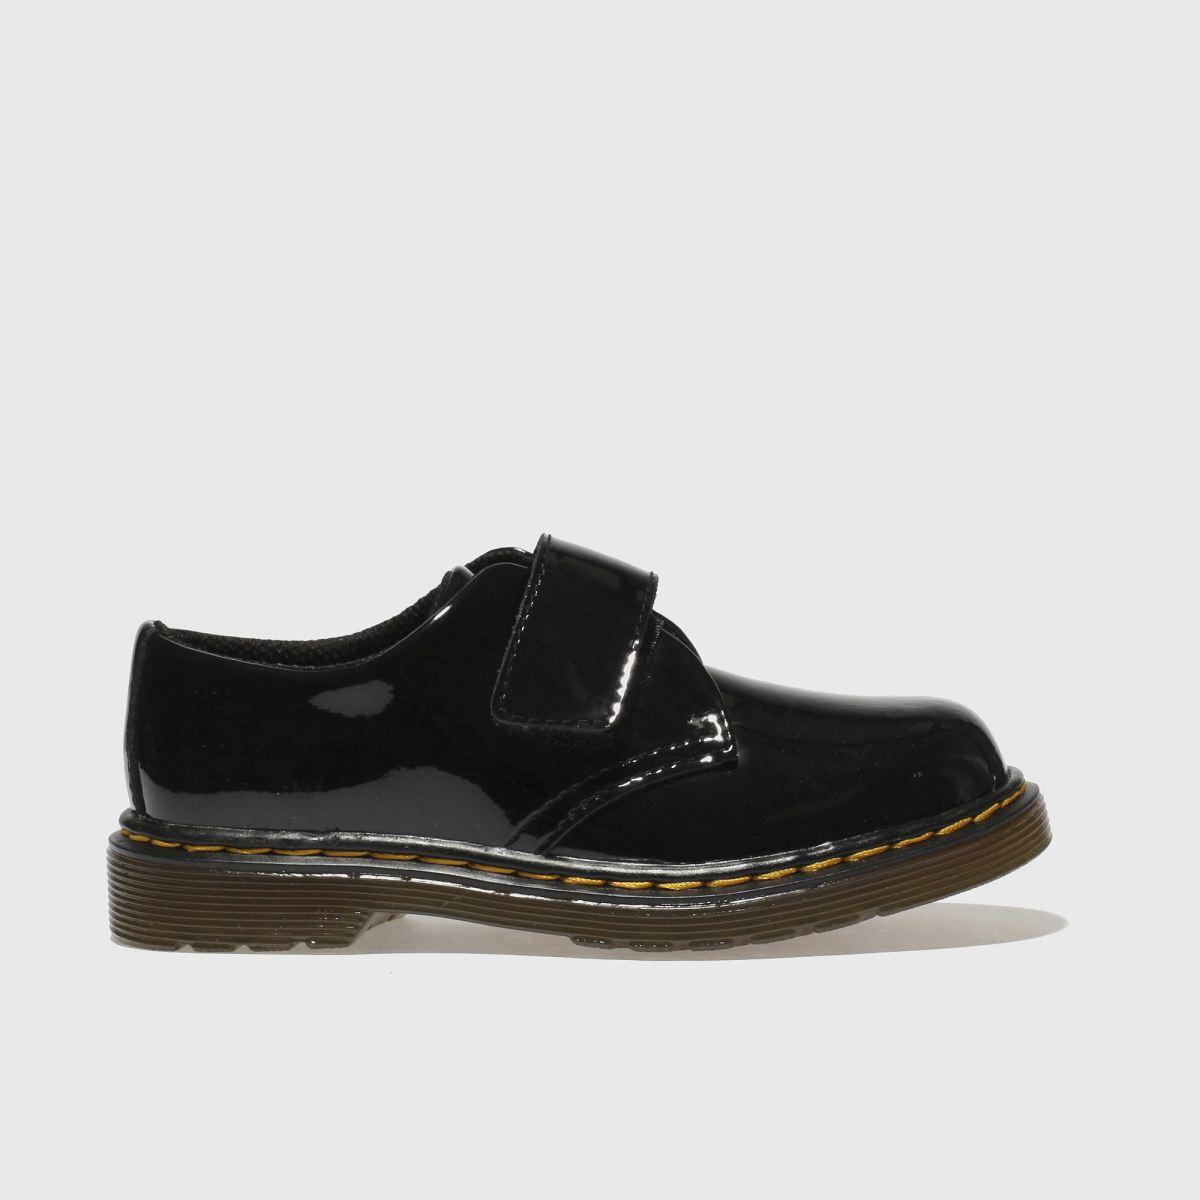 Dr Martens Black Kamron Girls Toddler Shoes